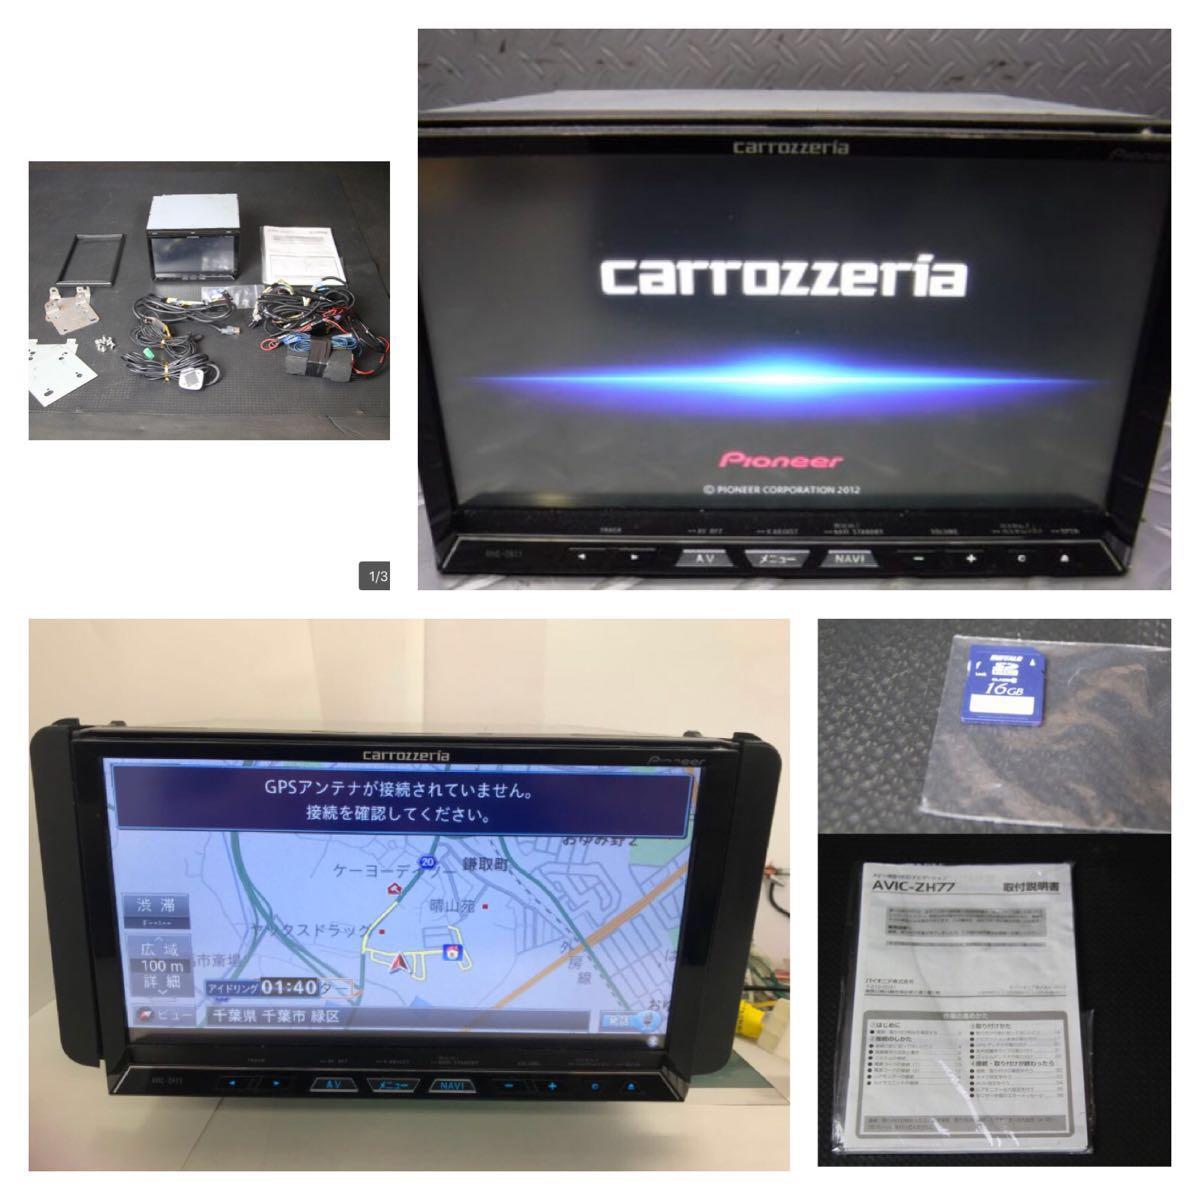 【1円すたーと】美品 carrozzeria AVIC-ZH77 完動品 地上デジタルTV/DVD/CD/Bluetooth/USB/SD/ HDDナビ サイバーナビ パイオニア